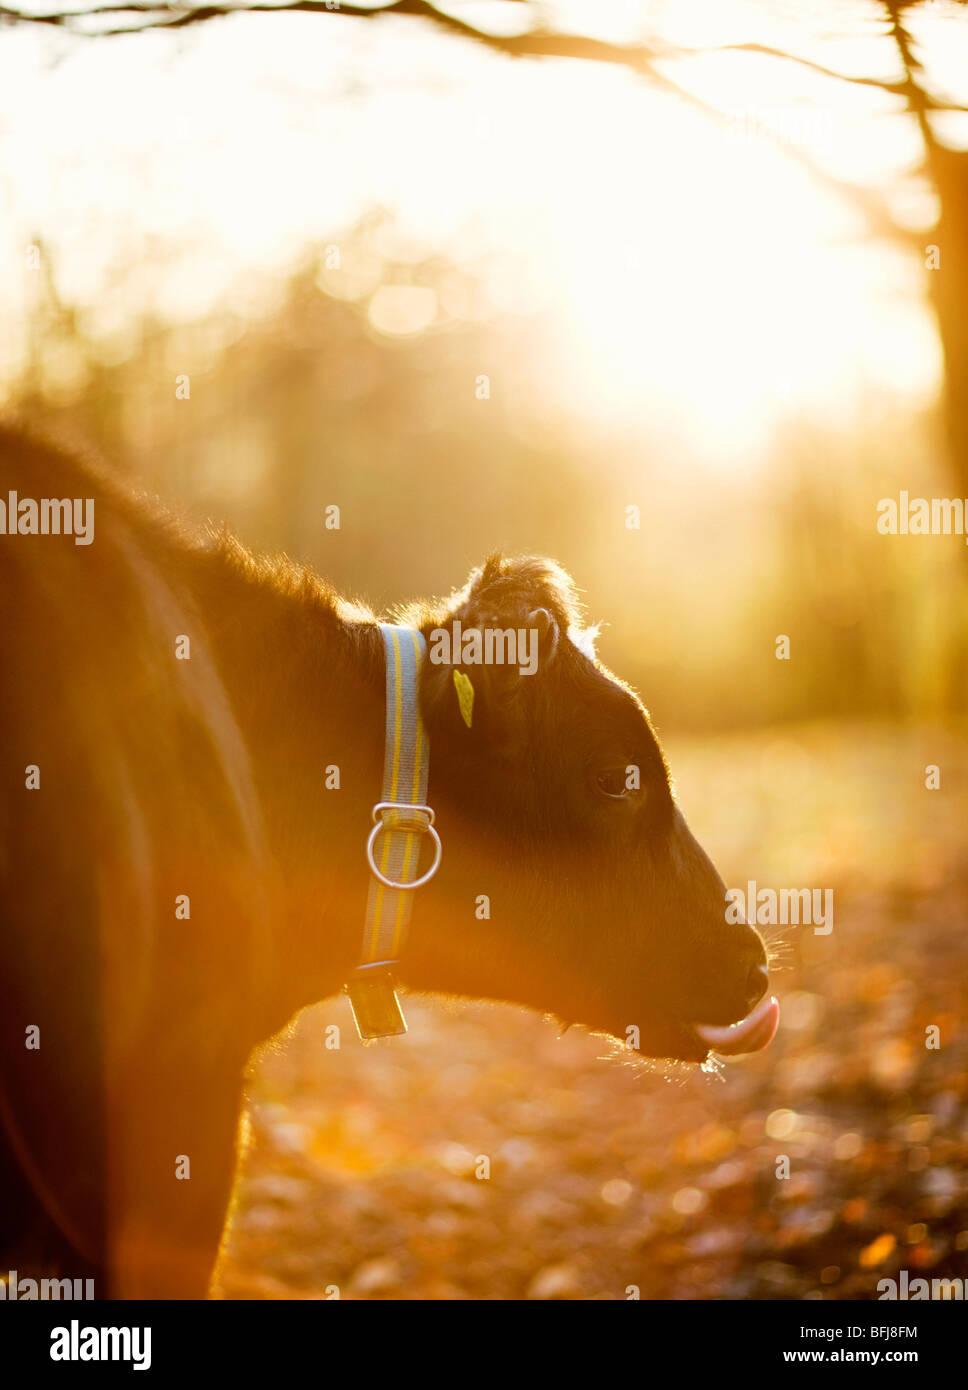 Una vacca contro la luce, Svezia. Immagini Stock